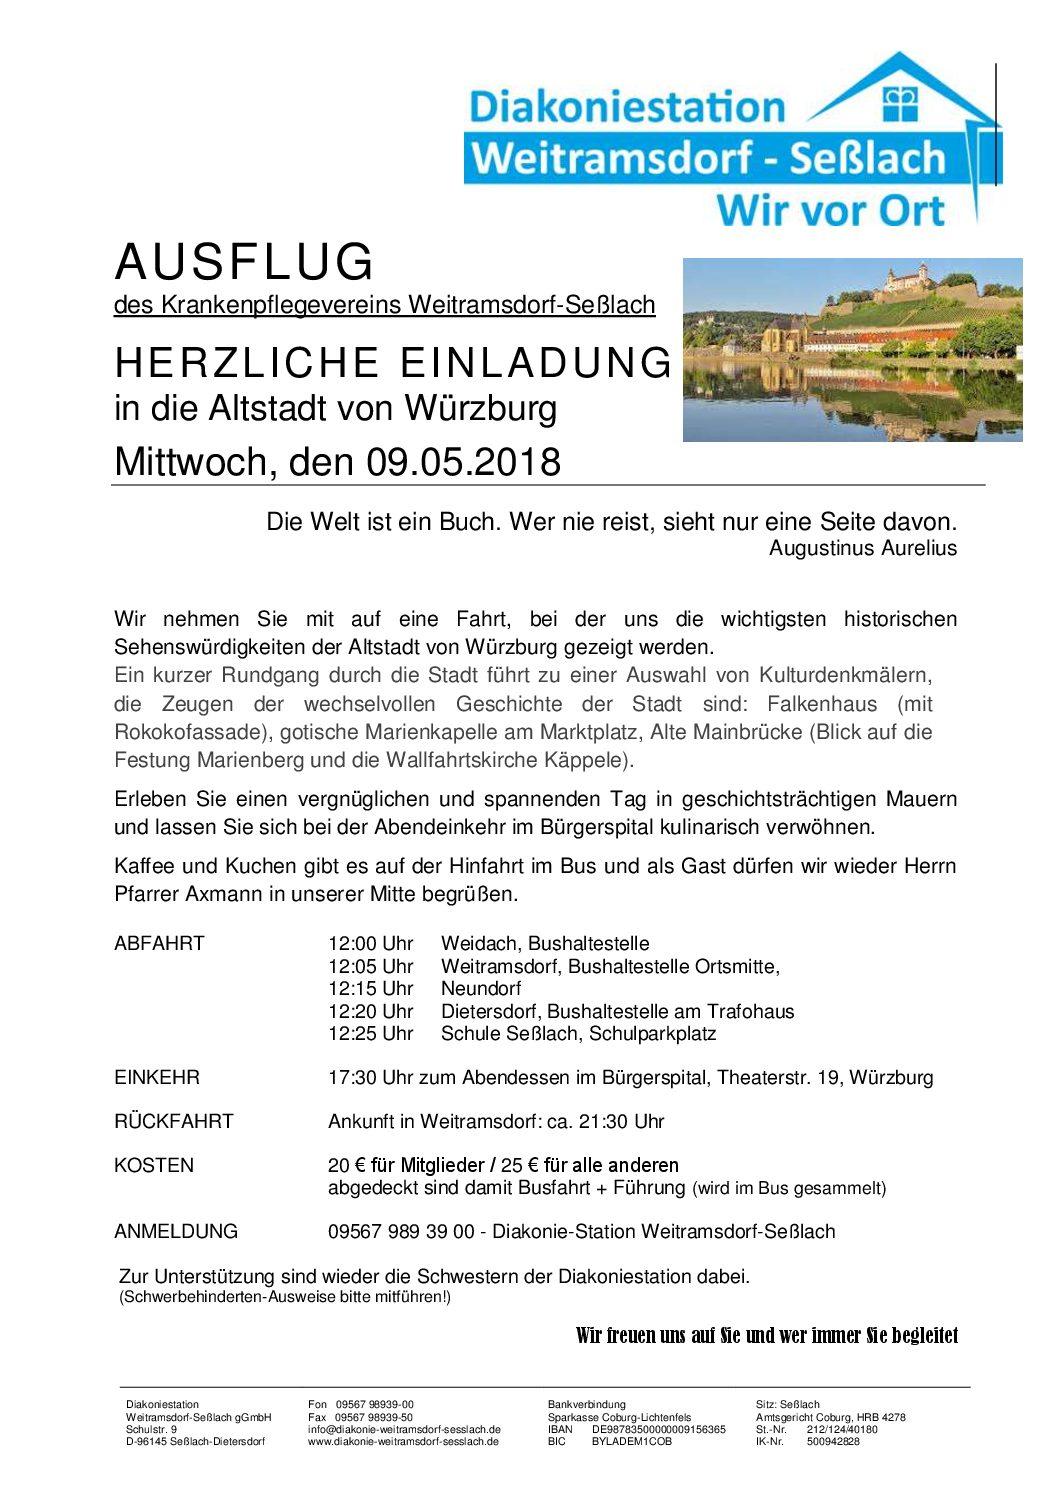 Ausflug des Krankenpflegevereins am 9. Mai 2018 nach Würzburg